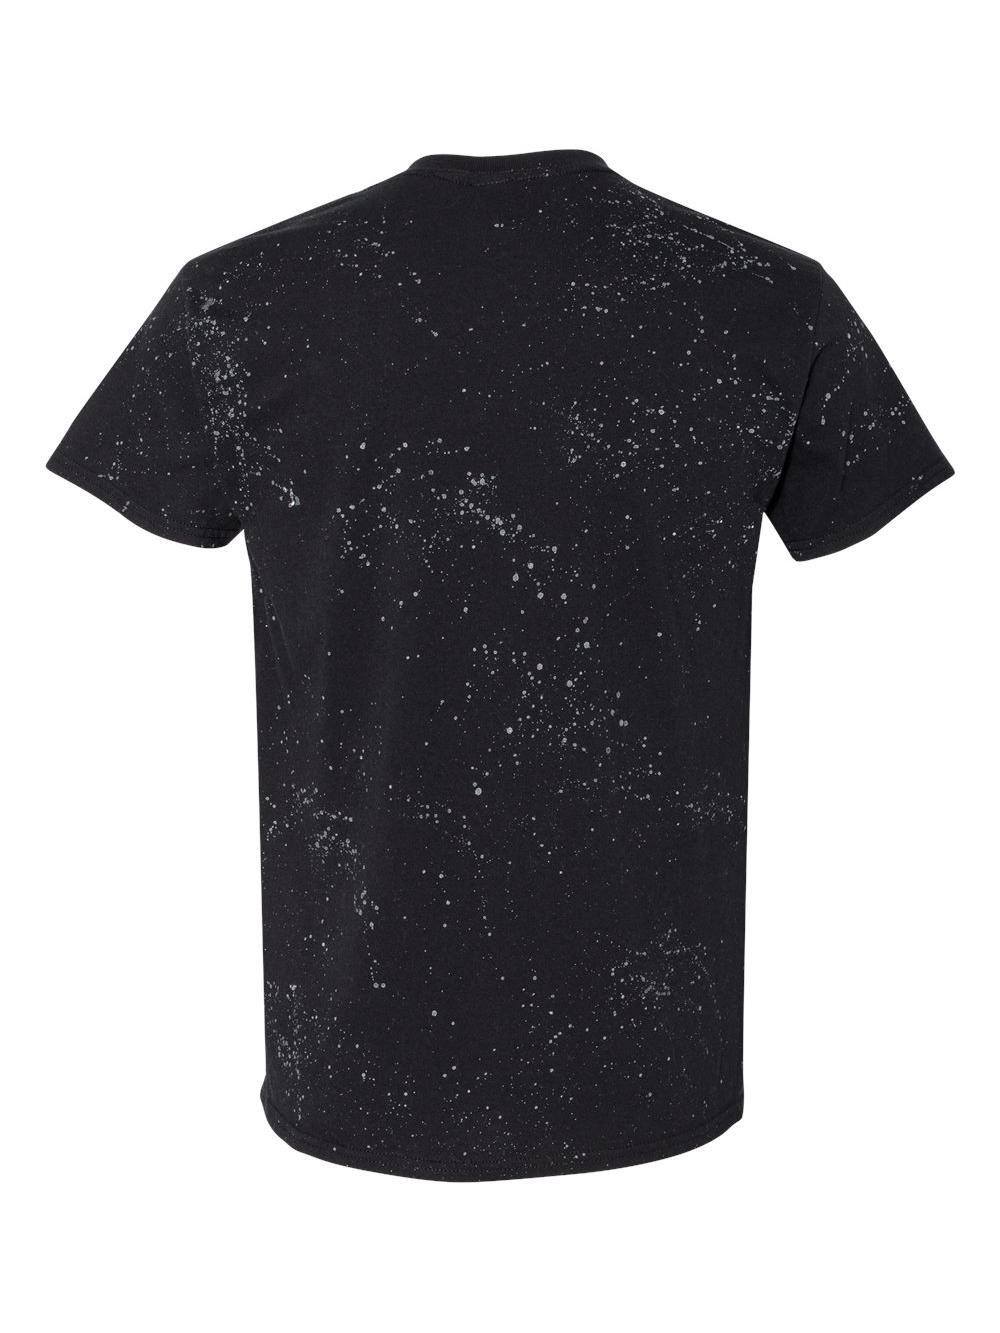 Dyenomite-Glow-in-the-Dark-T-Shirt-200GW thumbnail 13